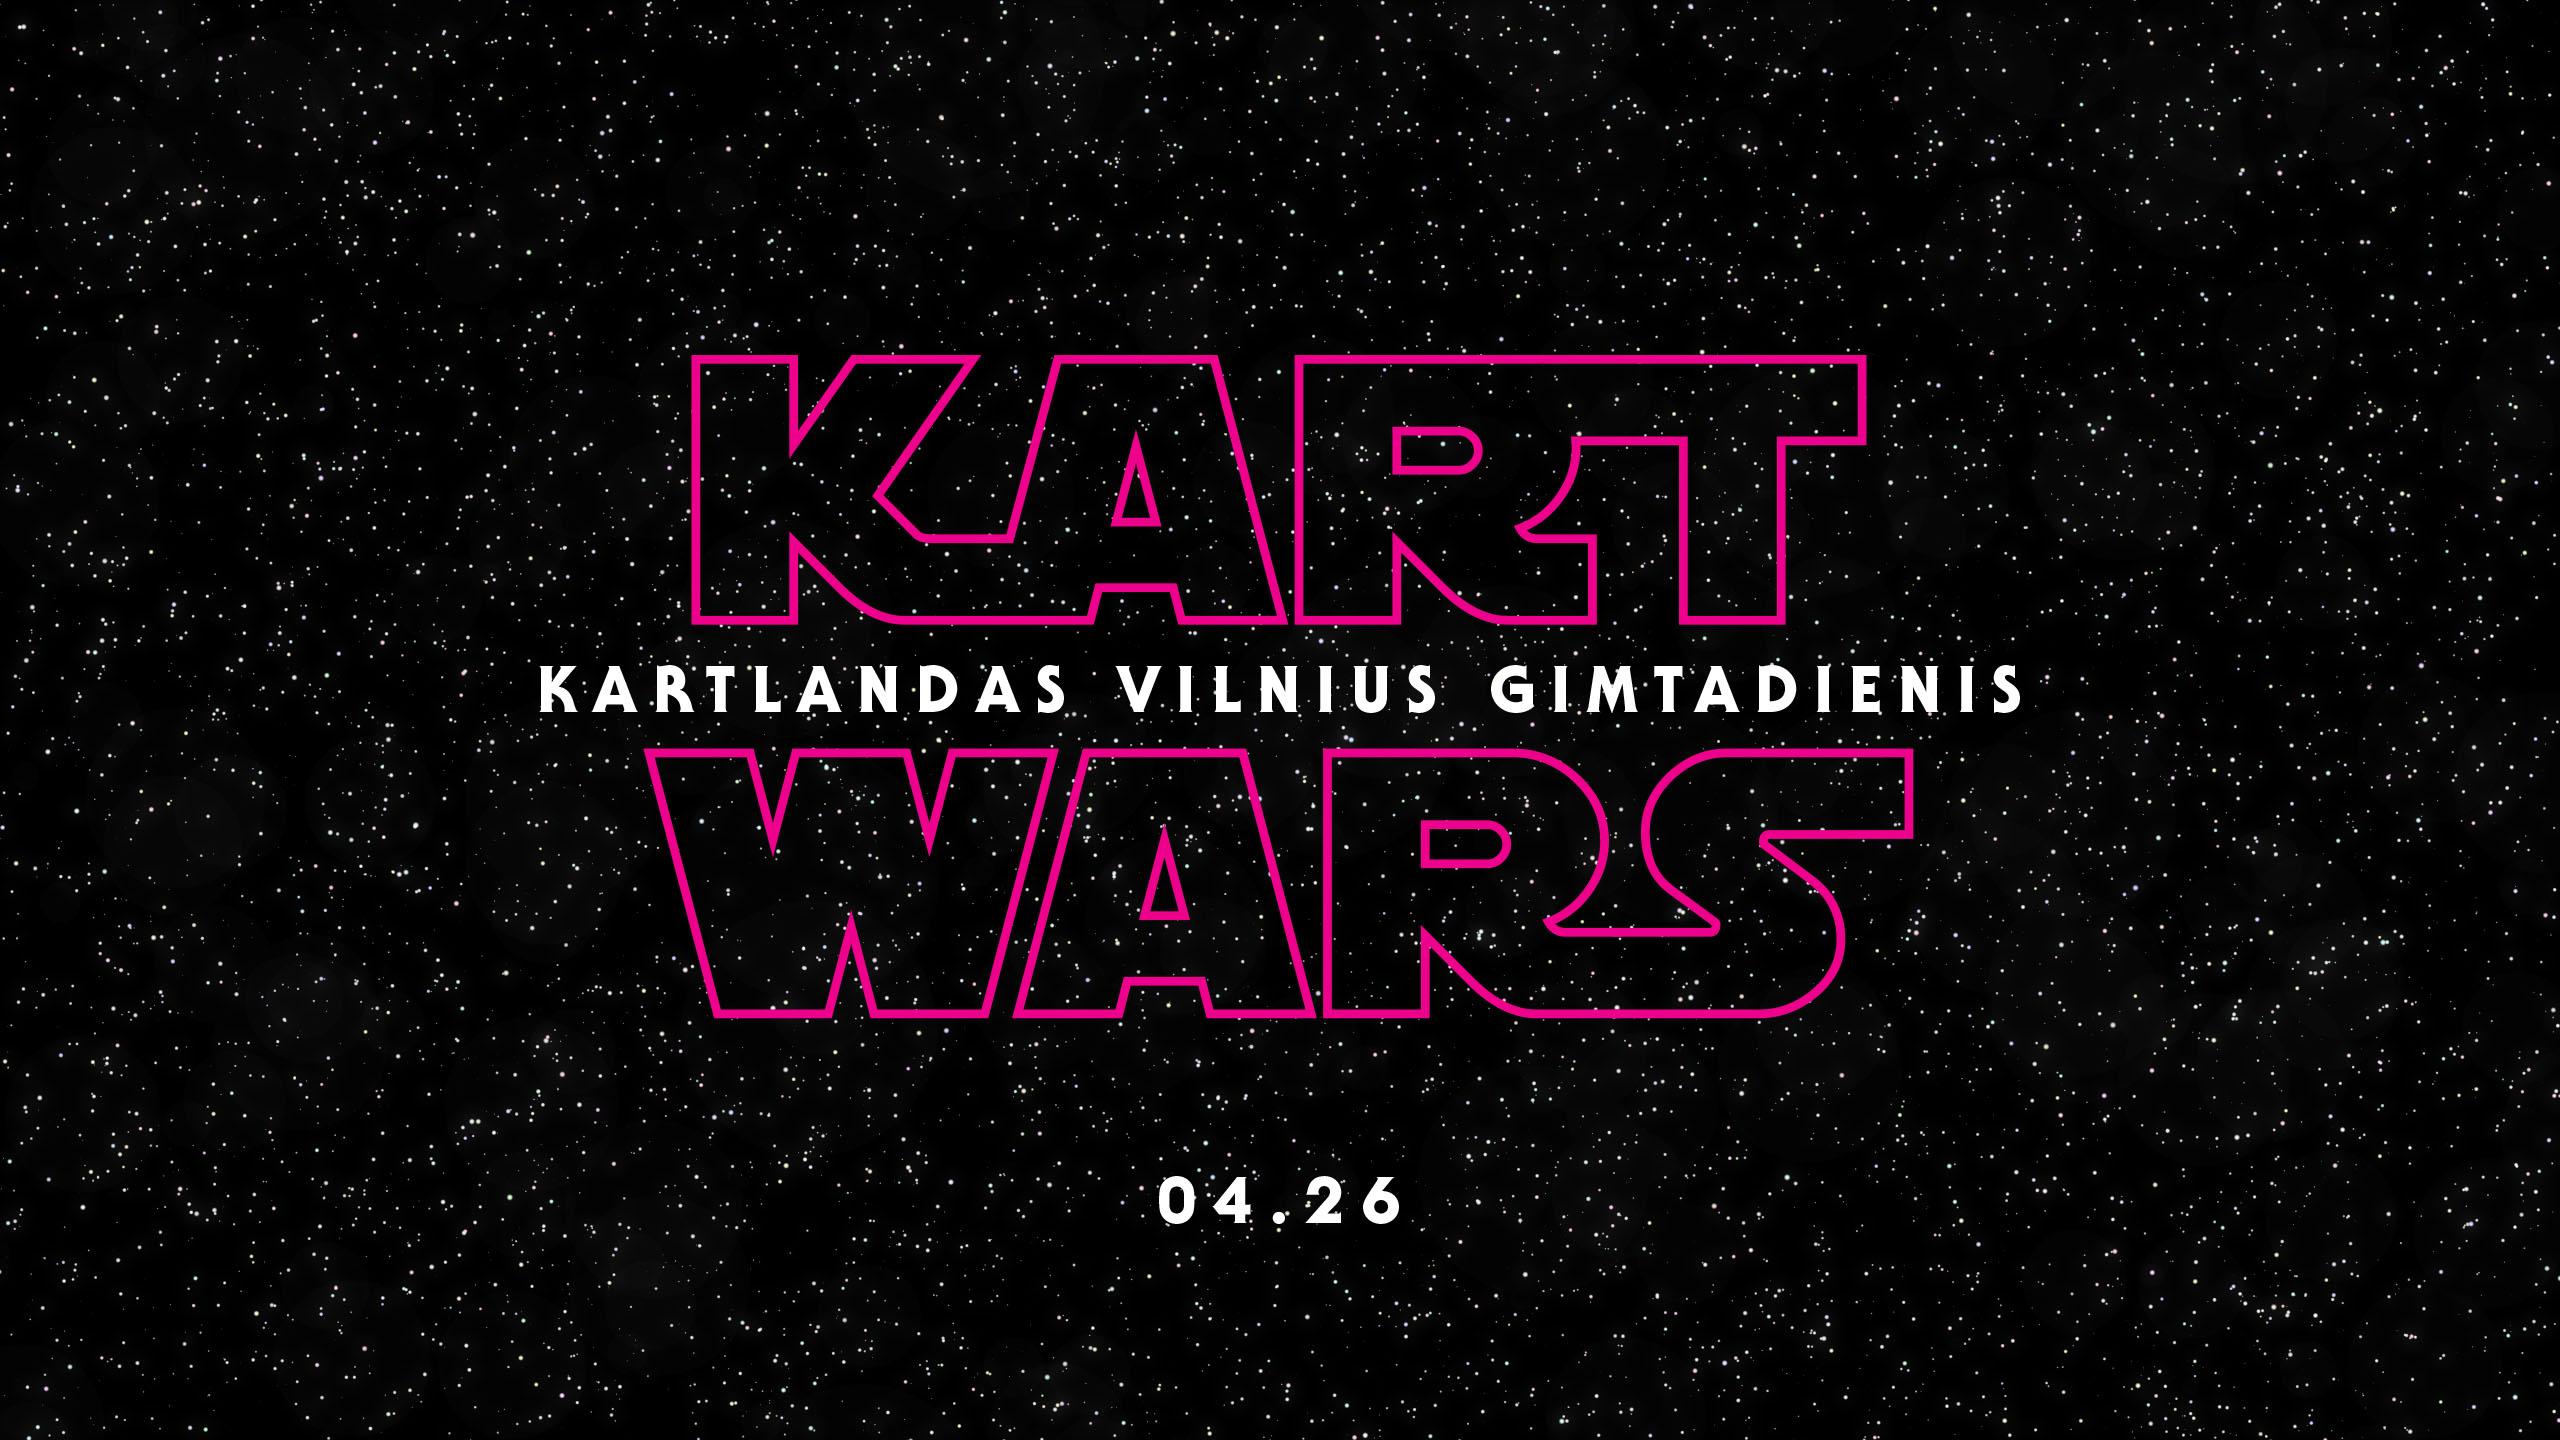 Kart Wars | 2-asis Kartlandas Vilnius gimtadienis